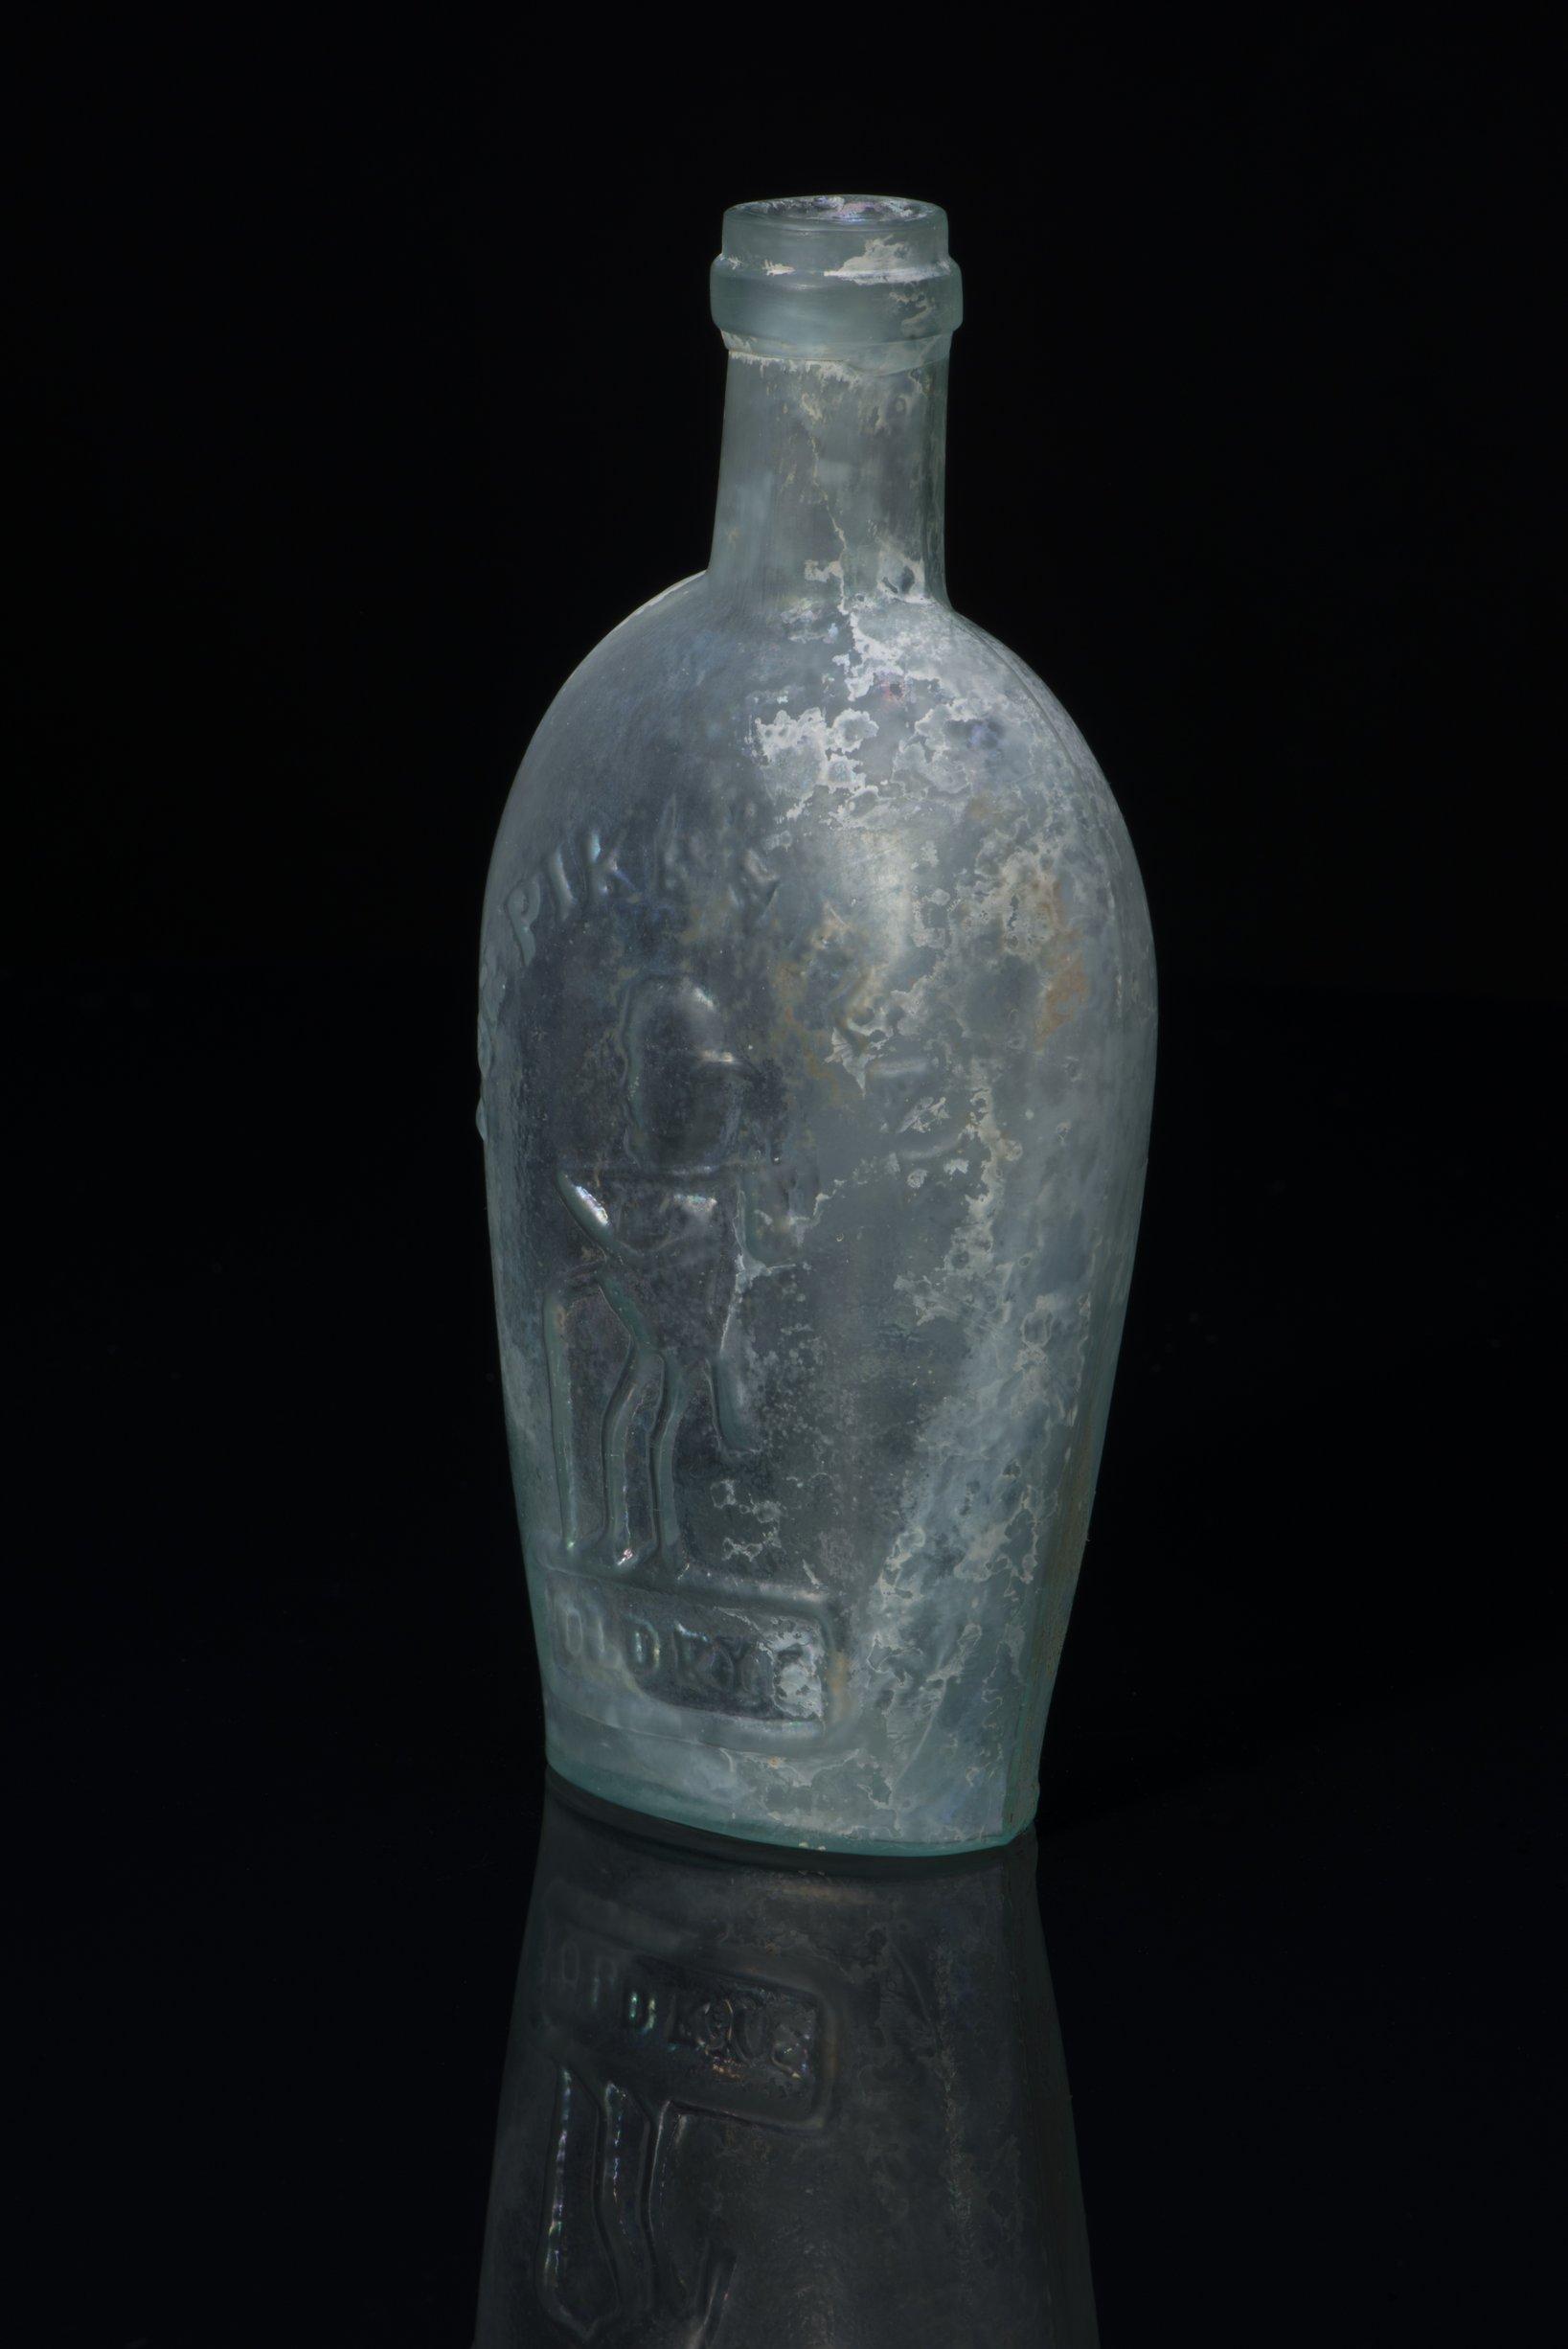 Pike's Peak Flask from Fort Hays, 14EL301 - 5